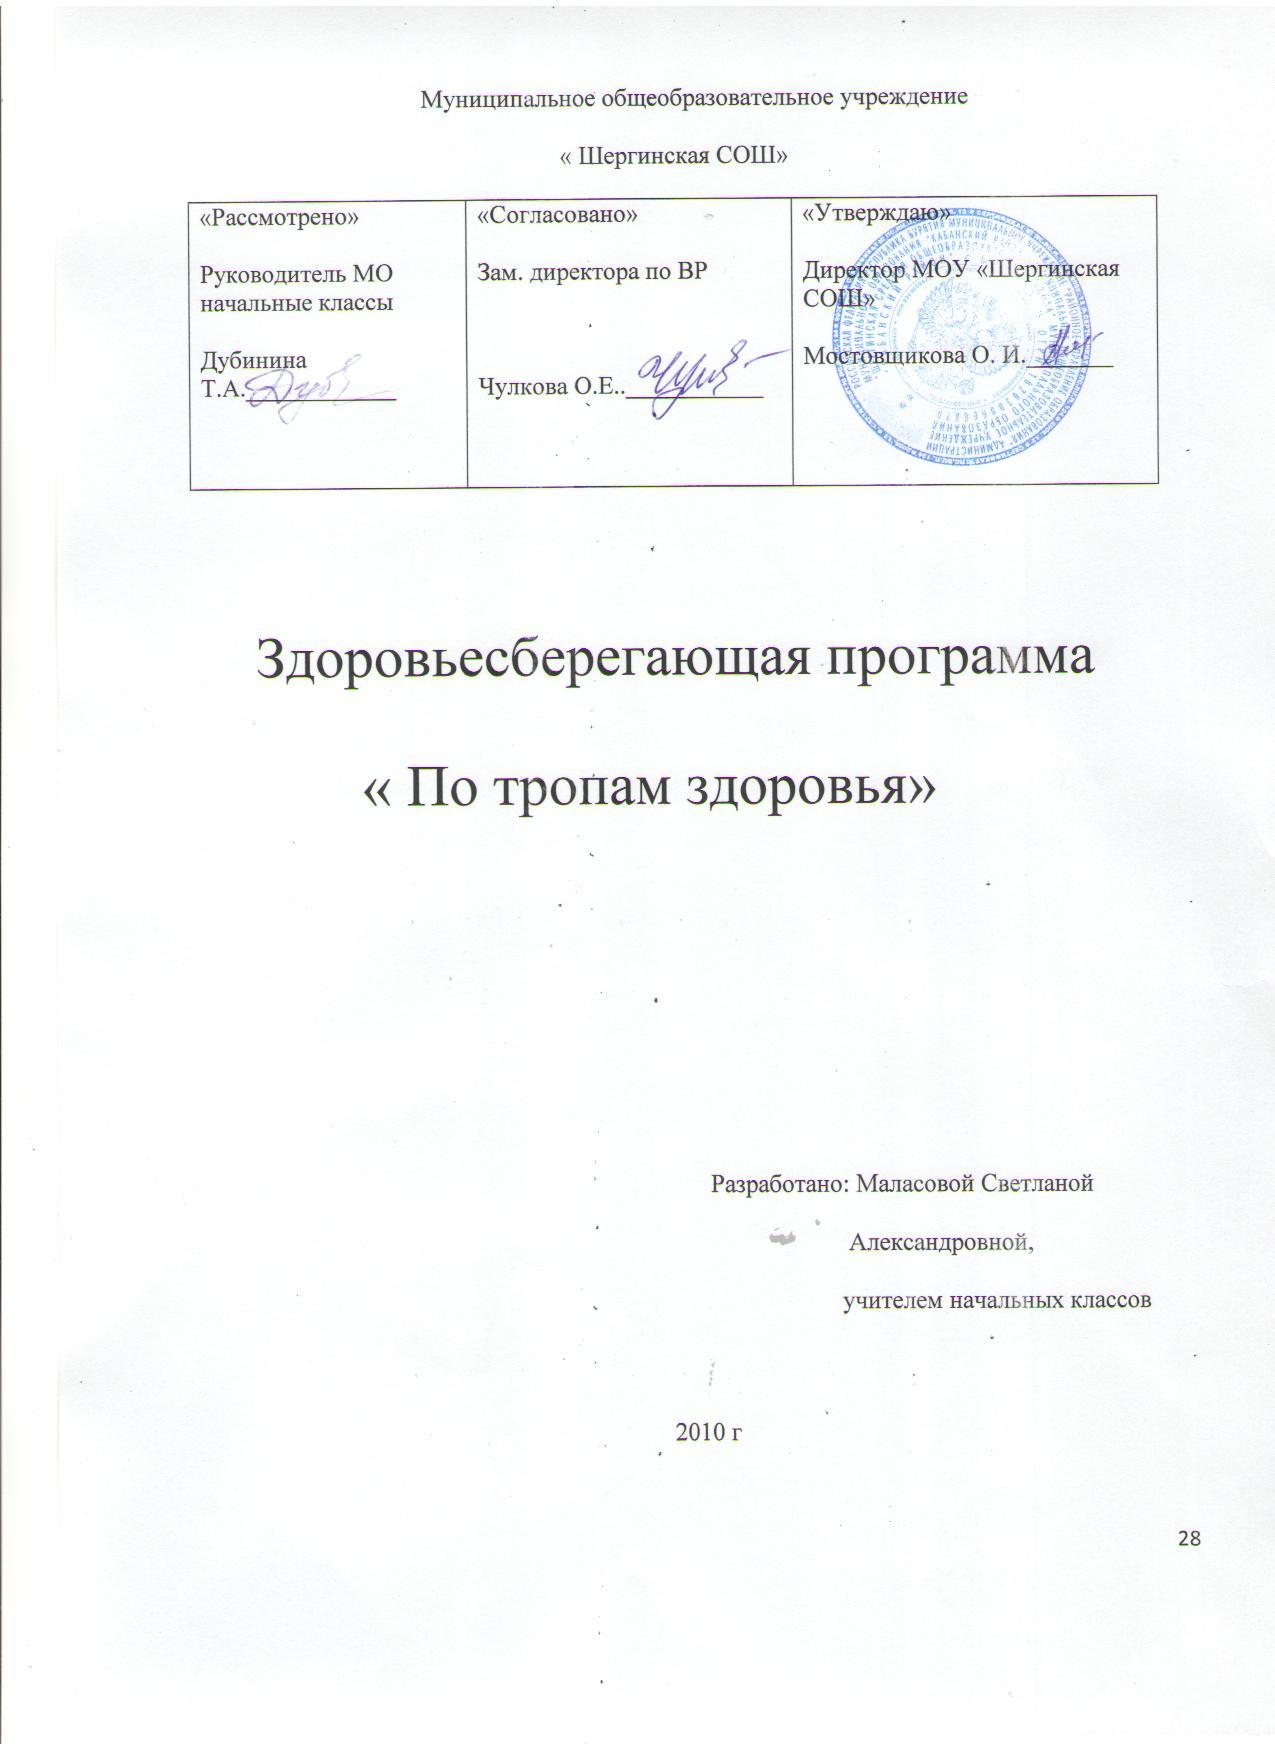 C:\Documents and Settings\OEM\Мои документы\Мои рисунки\2010-12-01, Изображение\Изображение 002.jpg